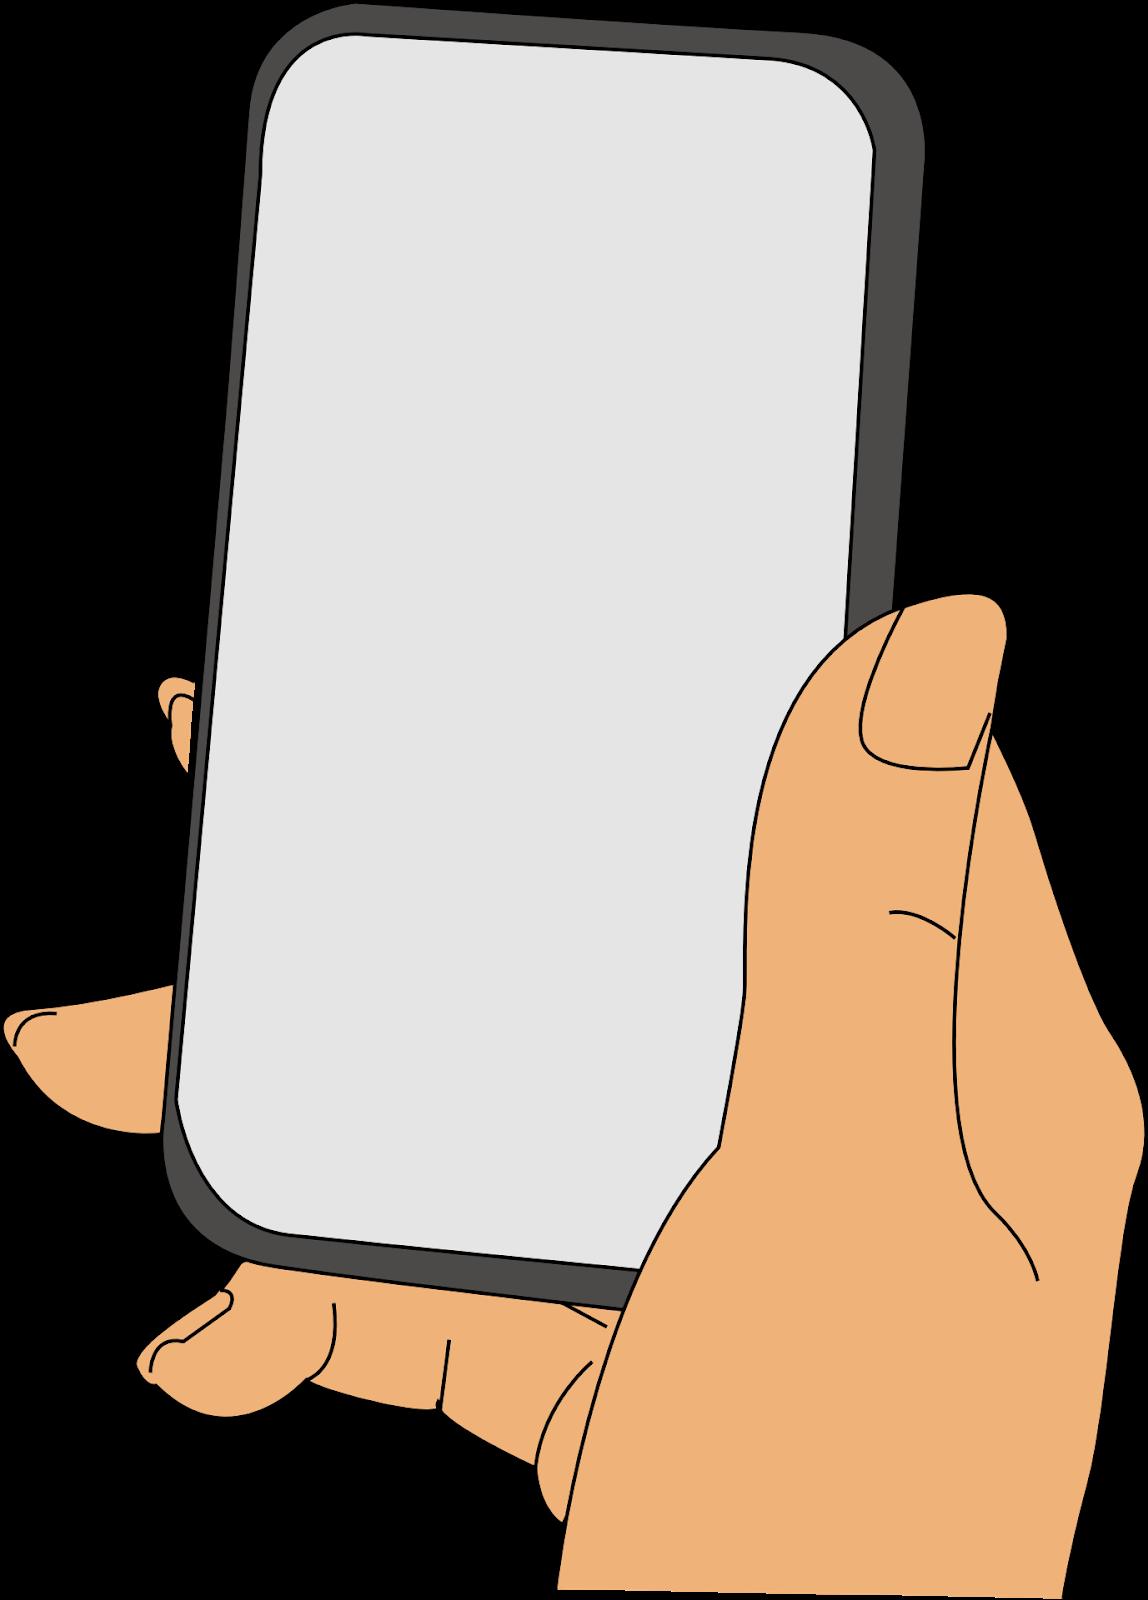 Upload Selfie (< 1 MB)